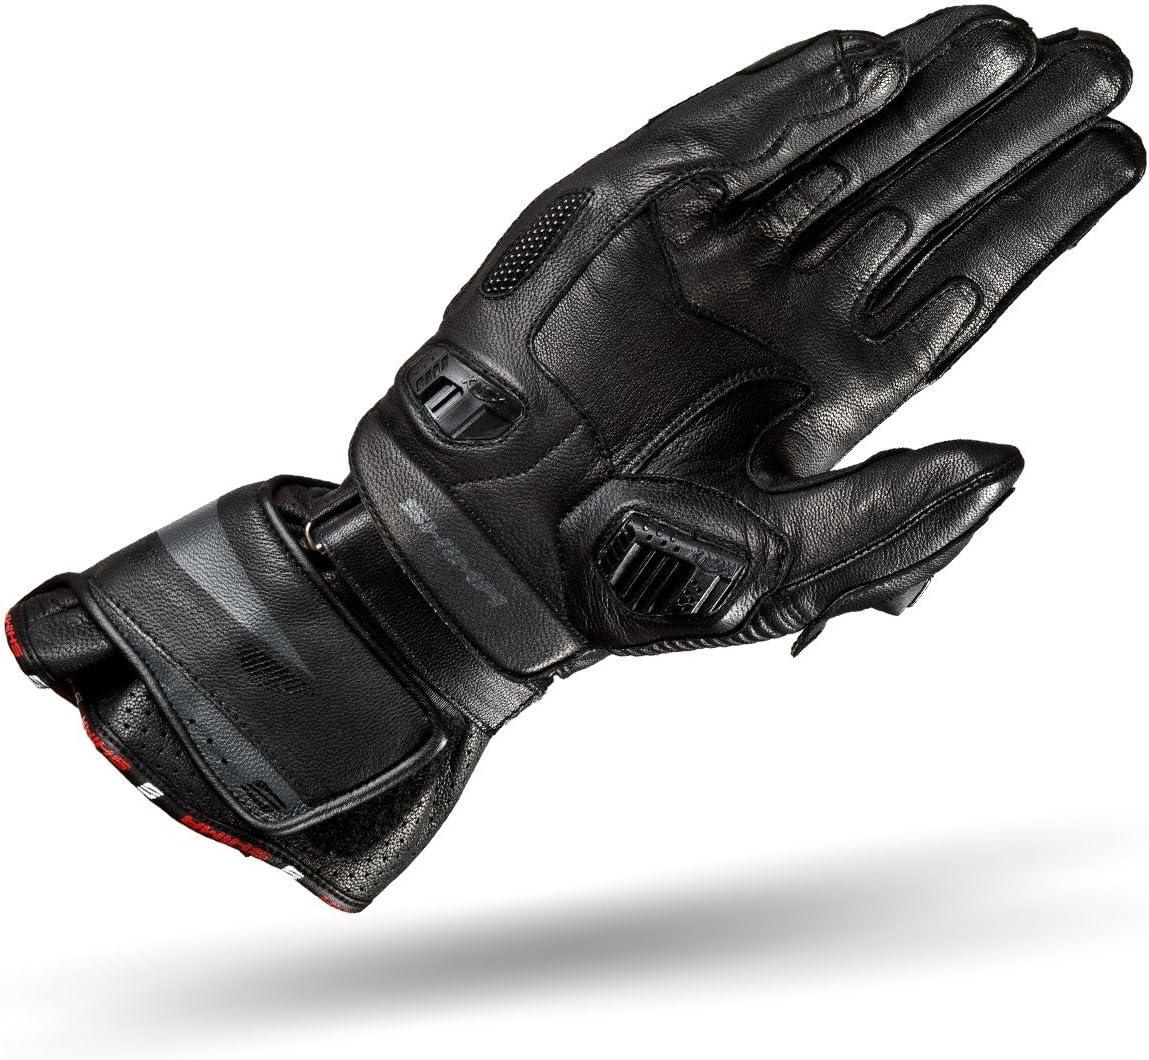 S-XXL Taille:XL KNOX D/ét/é Ventile Protecteur Sport R/étro Classique Gants Moto Blanc Shima RS-1